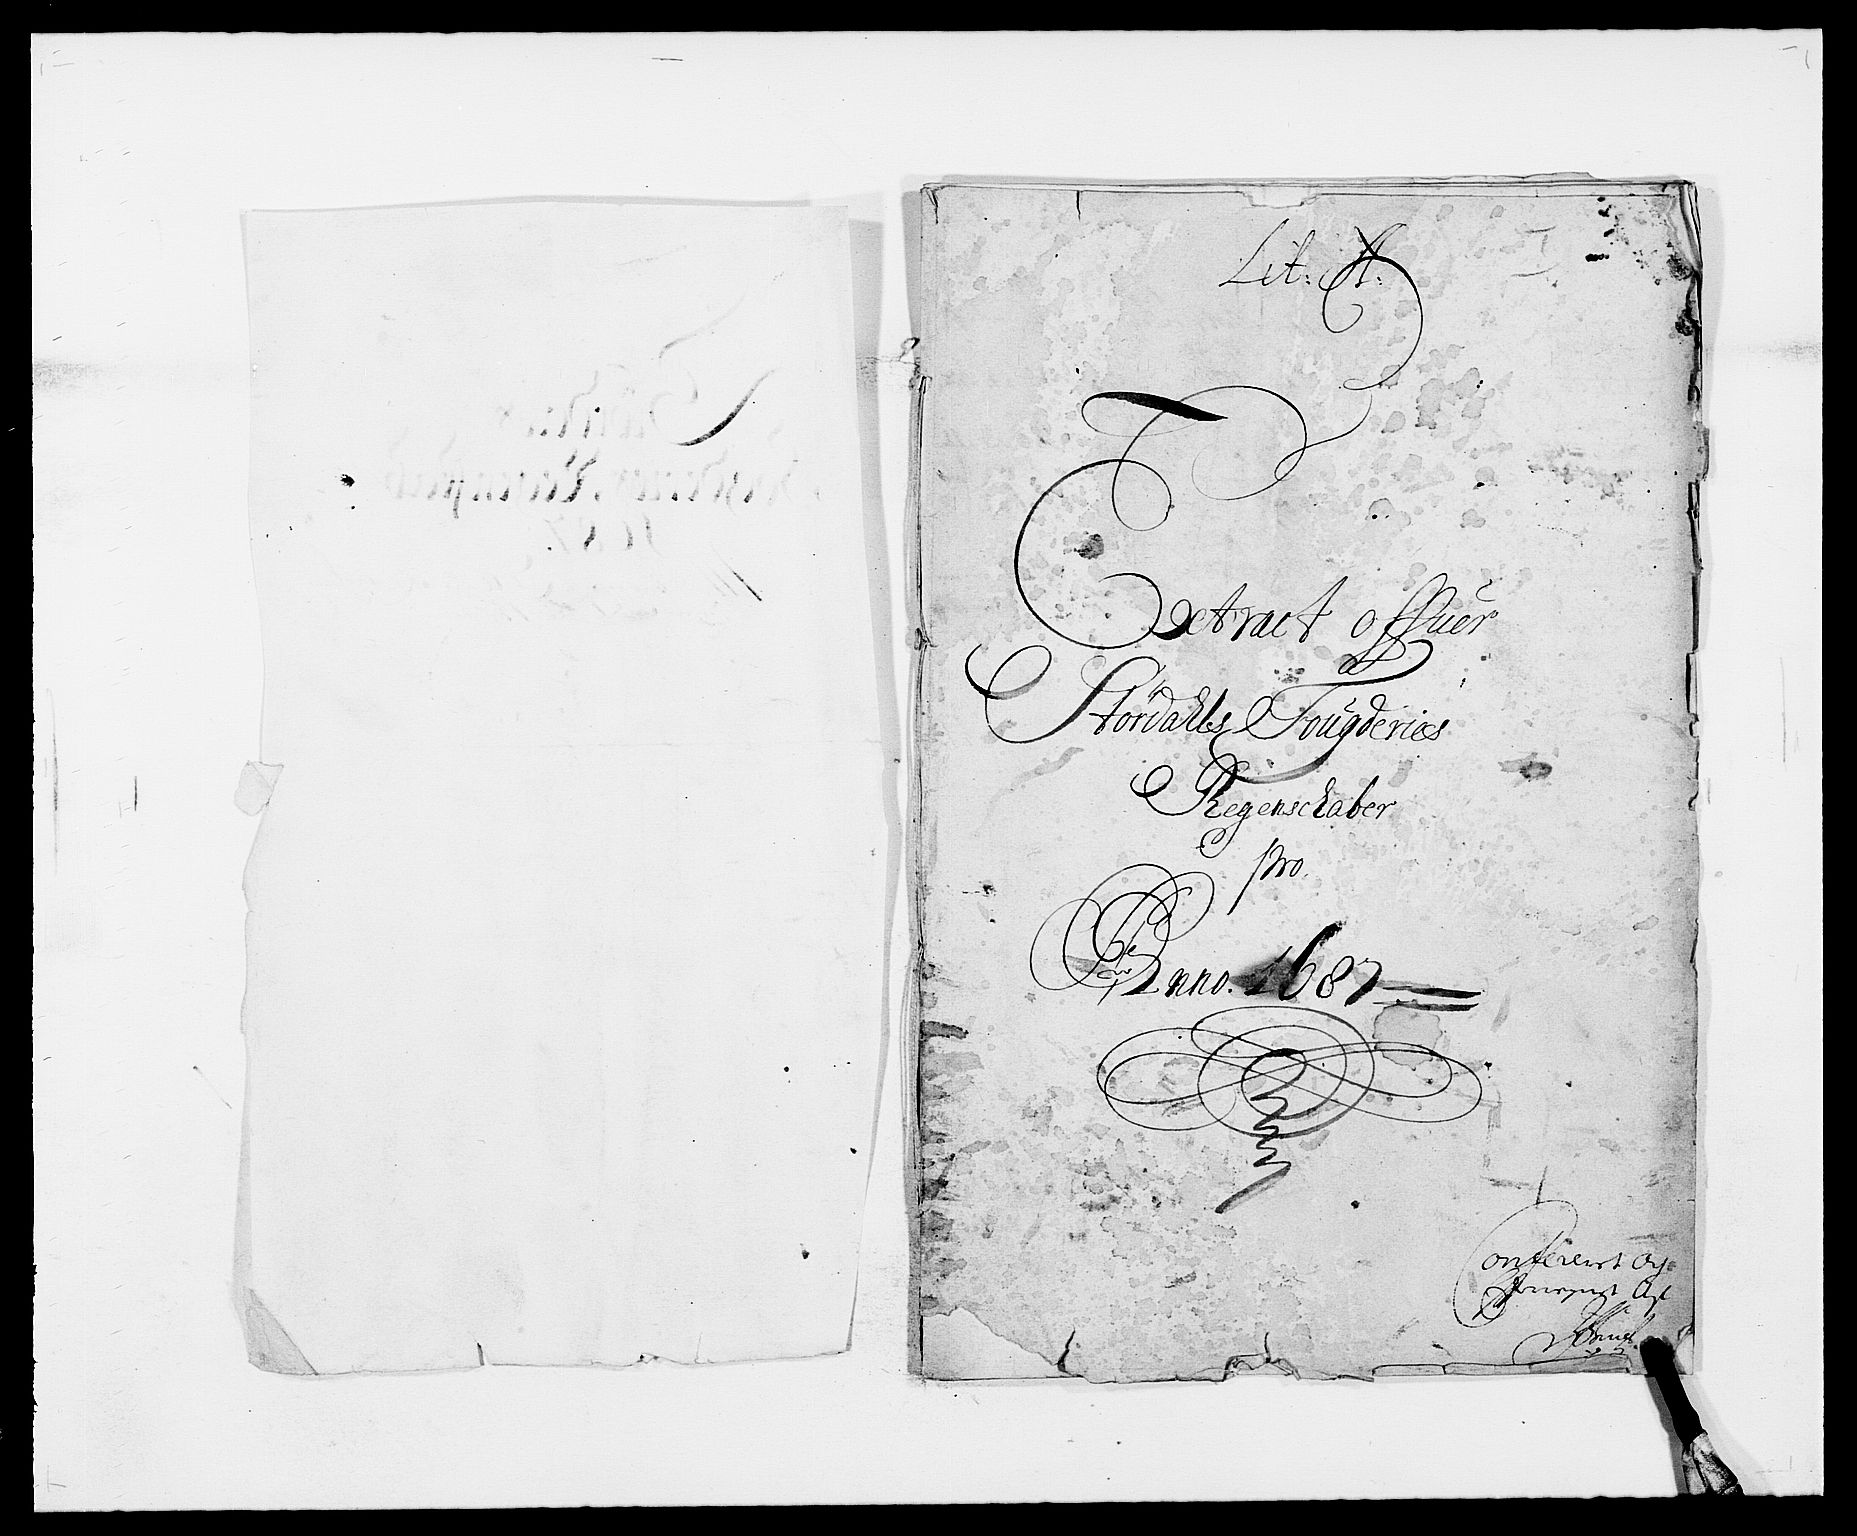 RA, Rentekammeret inntil 1814, Reviderte regnskaper, Fogderegnskap, R62/L4183: Fogderegnskap Stjørdal og Verdal, 1687-1689, s. 3